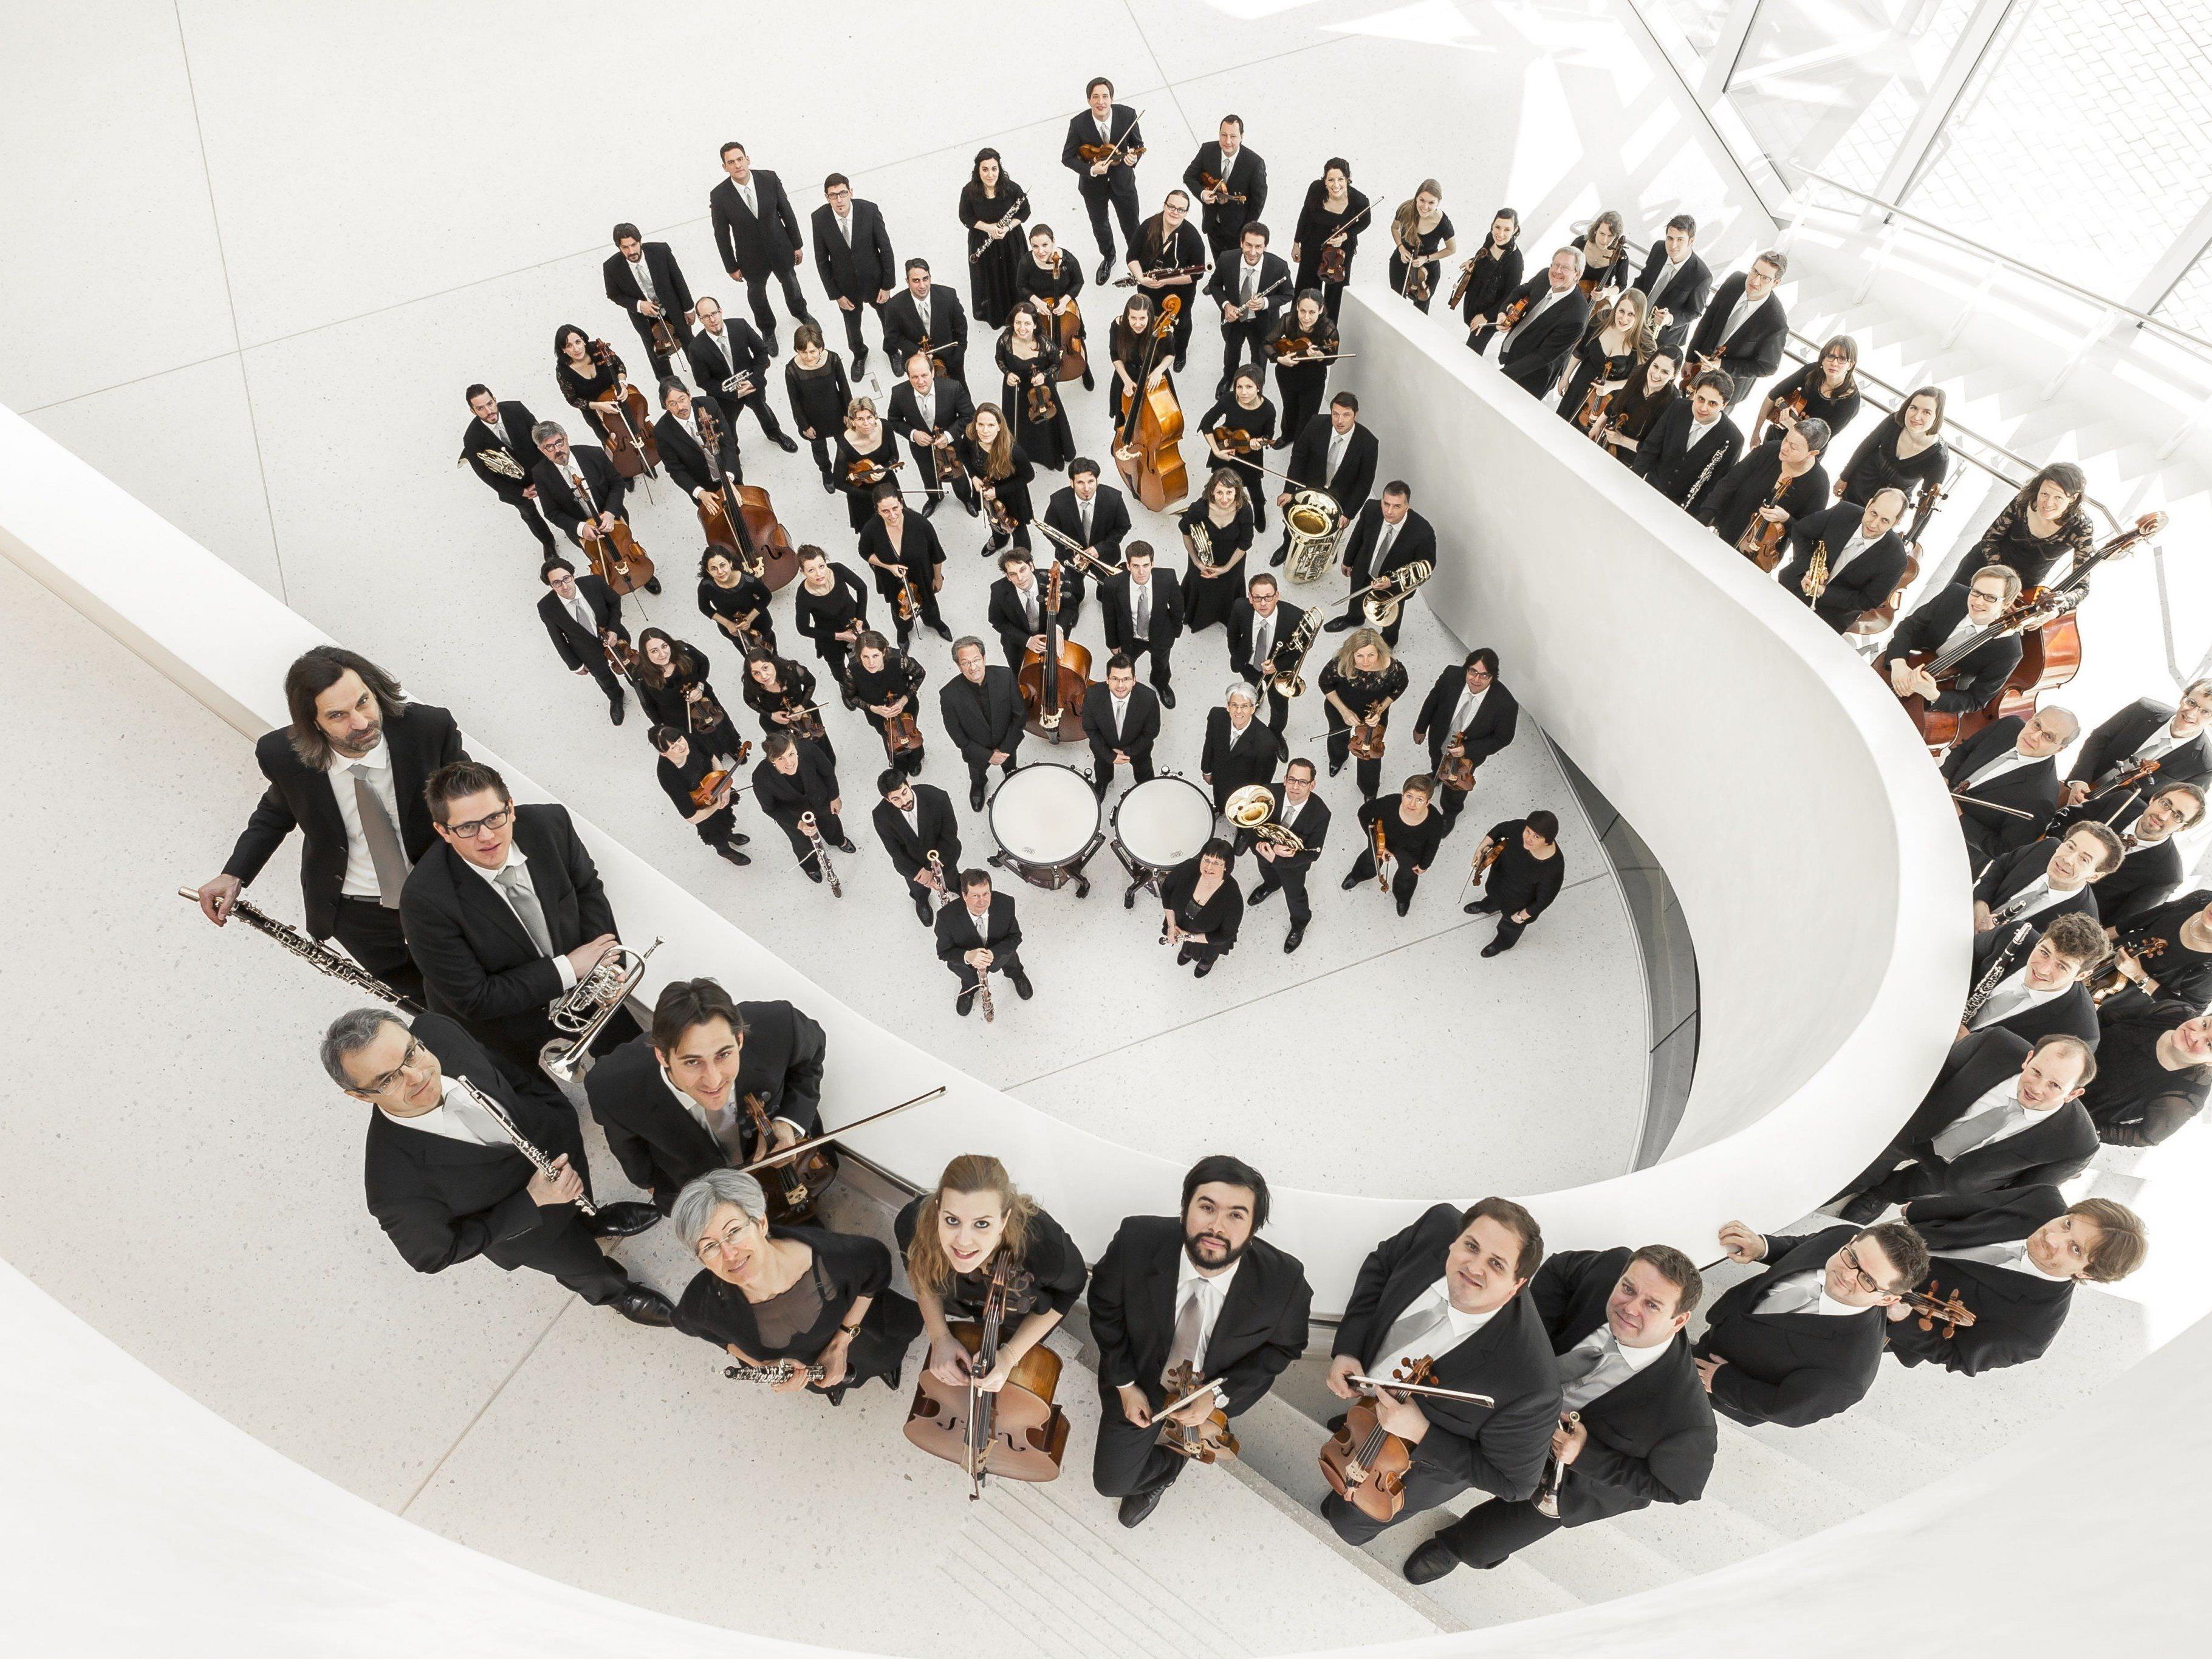 Das Symphonieorchester Vorarlberg spielt am 16. Jänner in Feldkirch und am 17. Jänner in Bregenz Werke von Brahms, Hummel und Bizet.